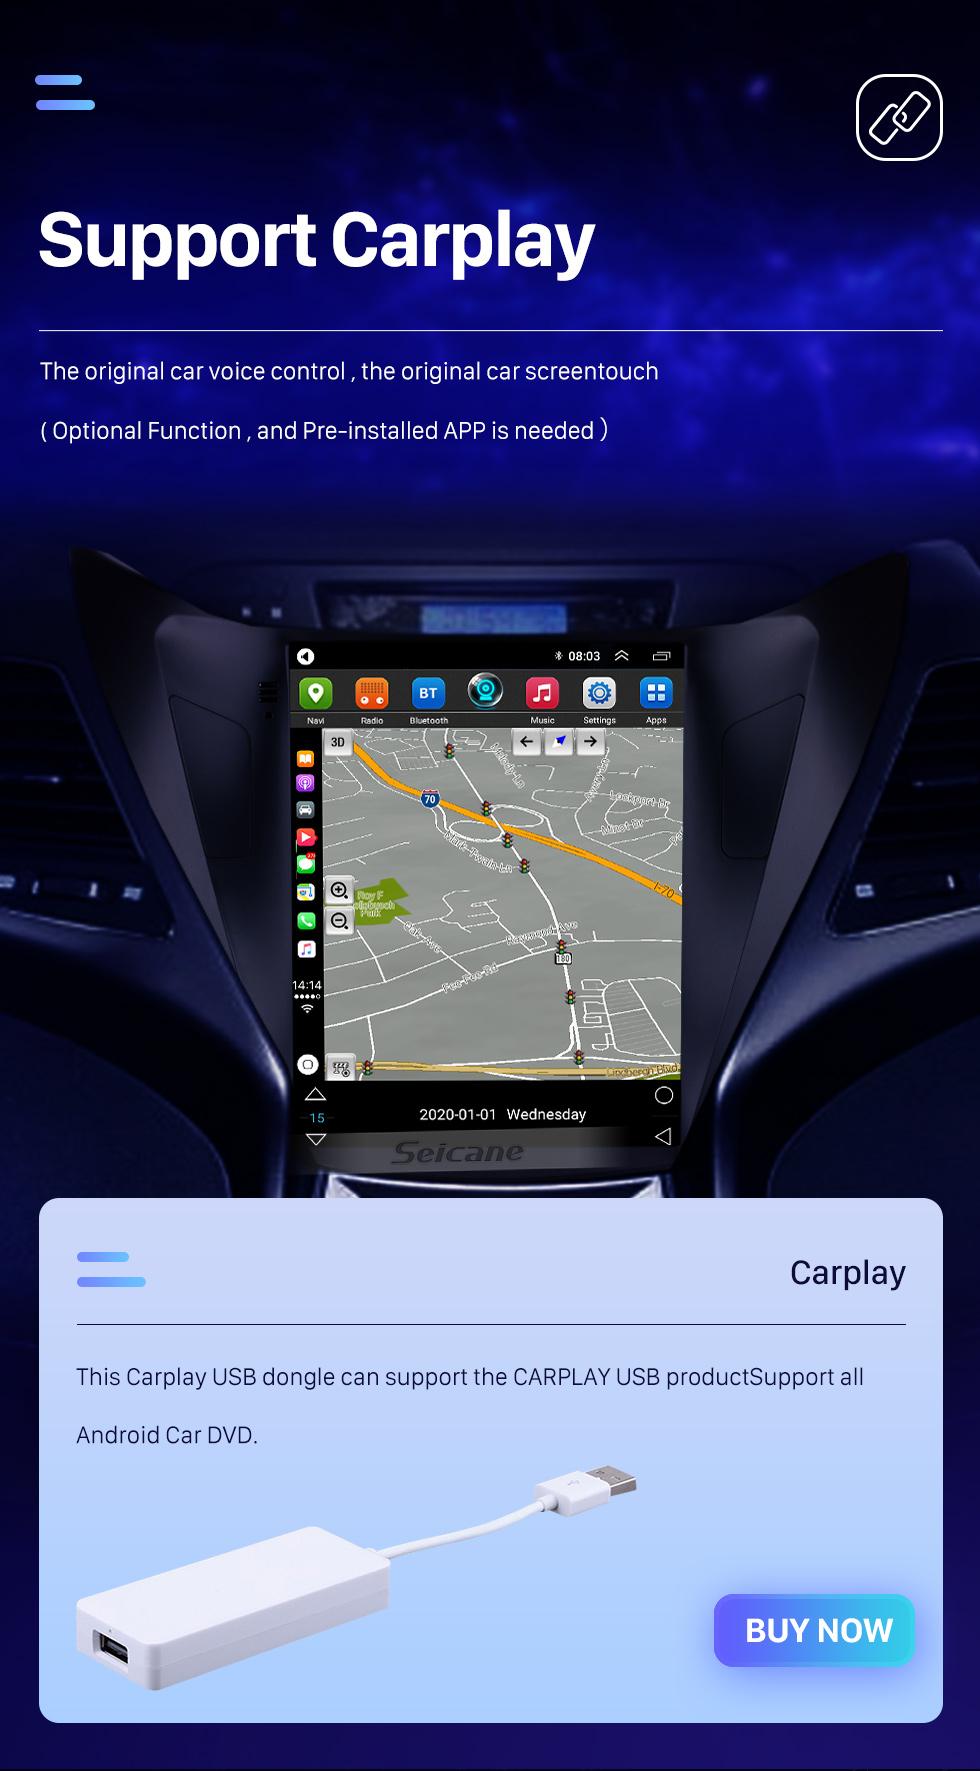 Seicane 2012 2013 2014 Hyundai Avante Elantra 9.7 pouces Android 9.1 HD à écran tactile stéréo Bluetooth Radio de navigation GPS avec Wifi AUX USB Prise en charge de la commande au volant DVR Caméra de recul OBD